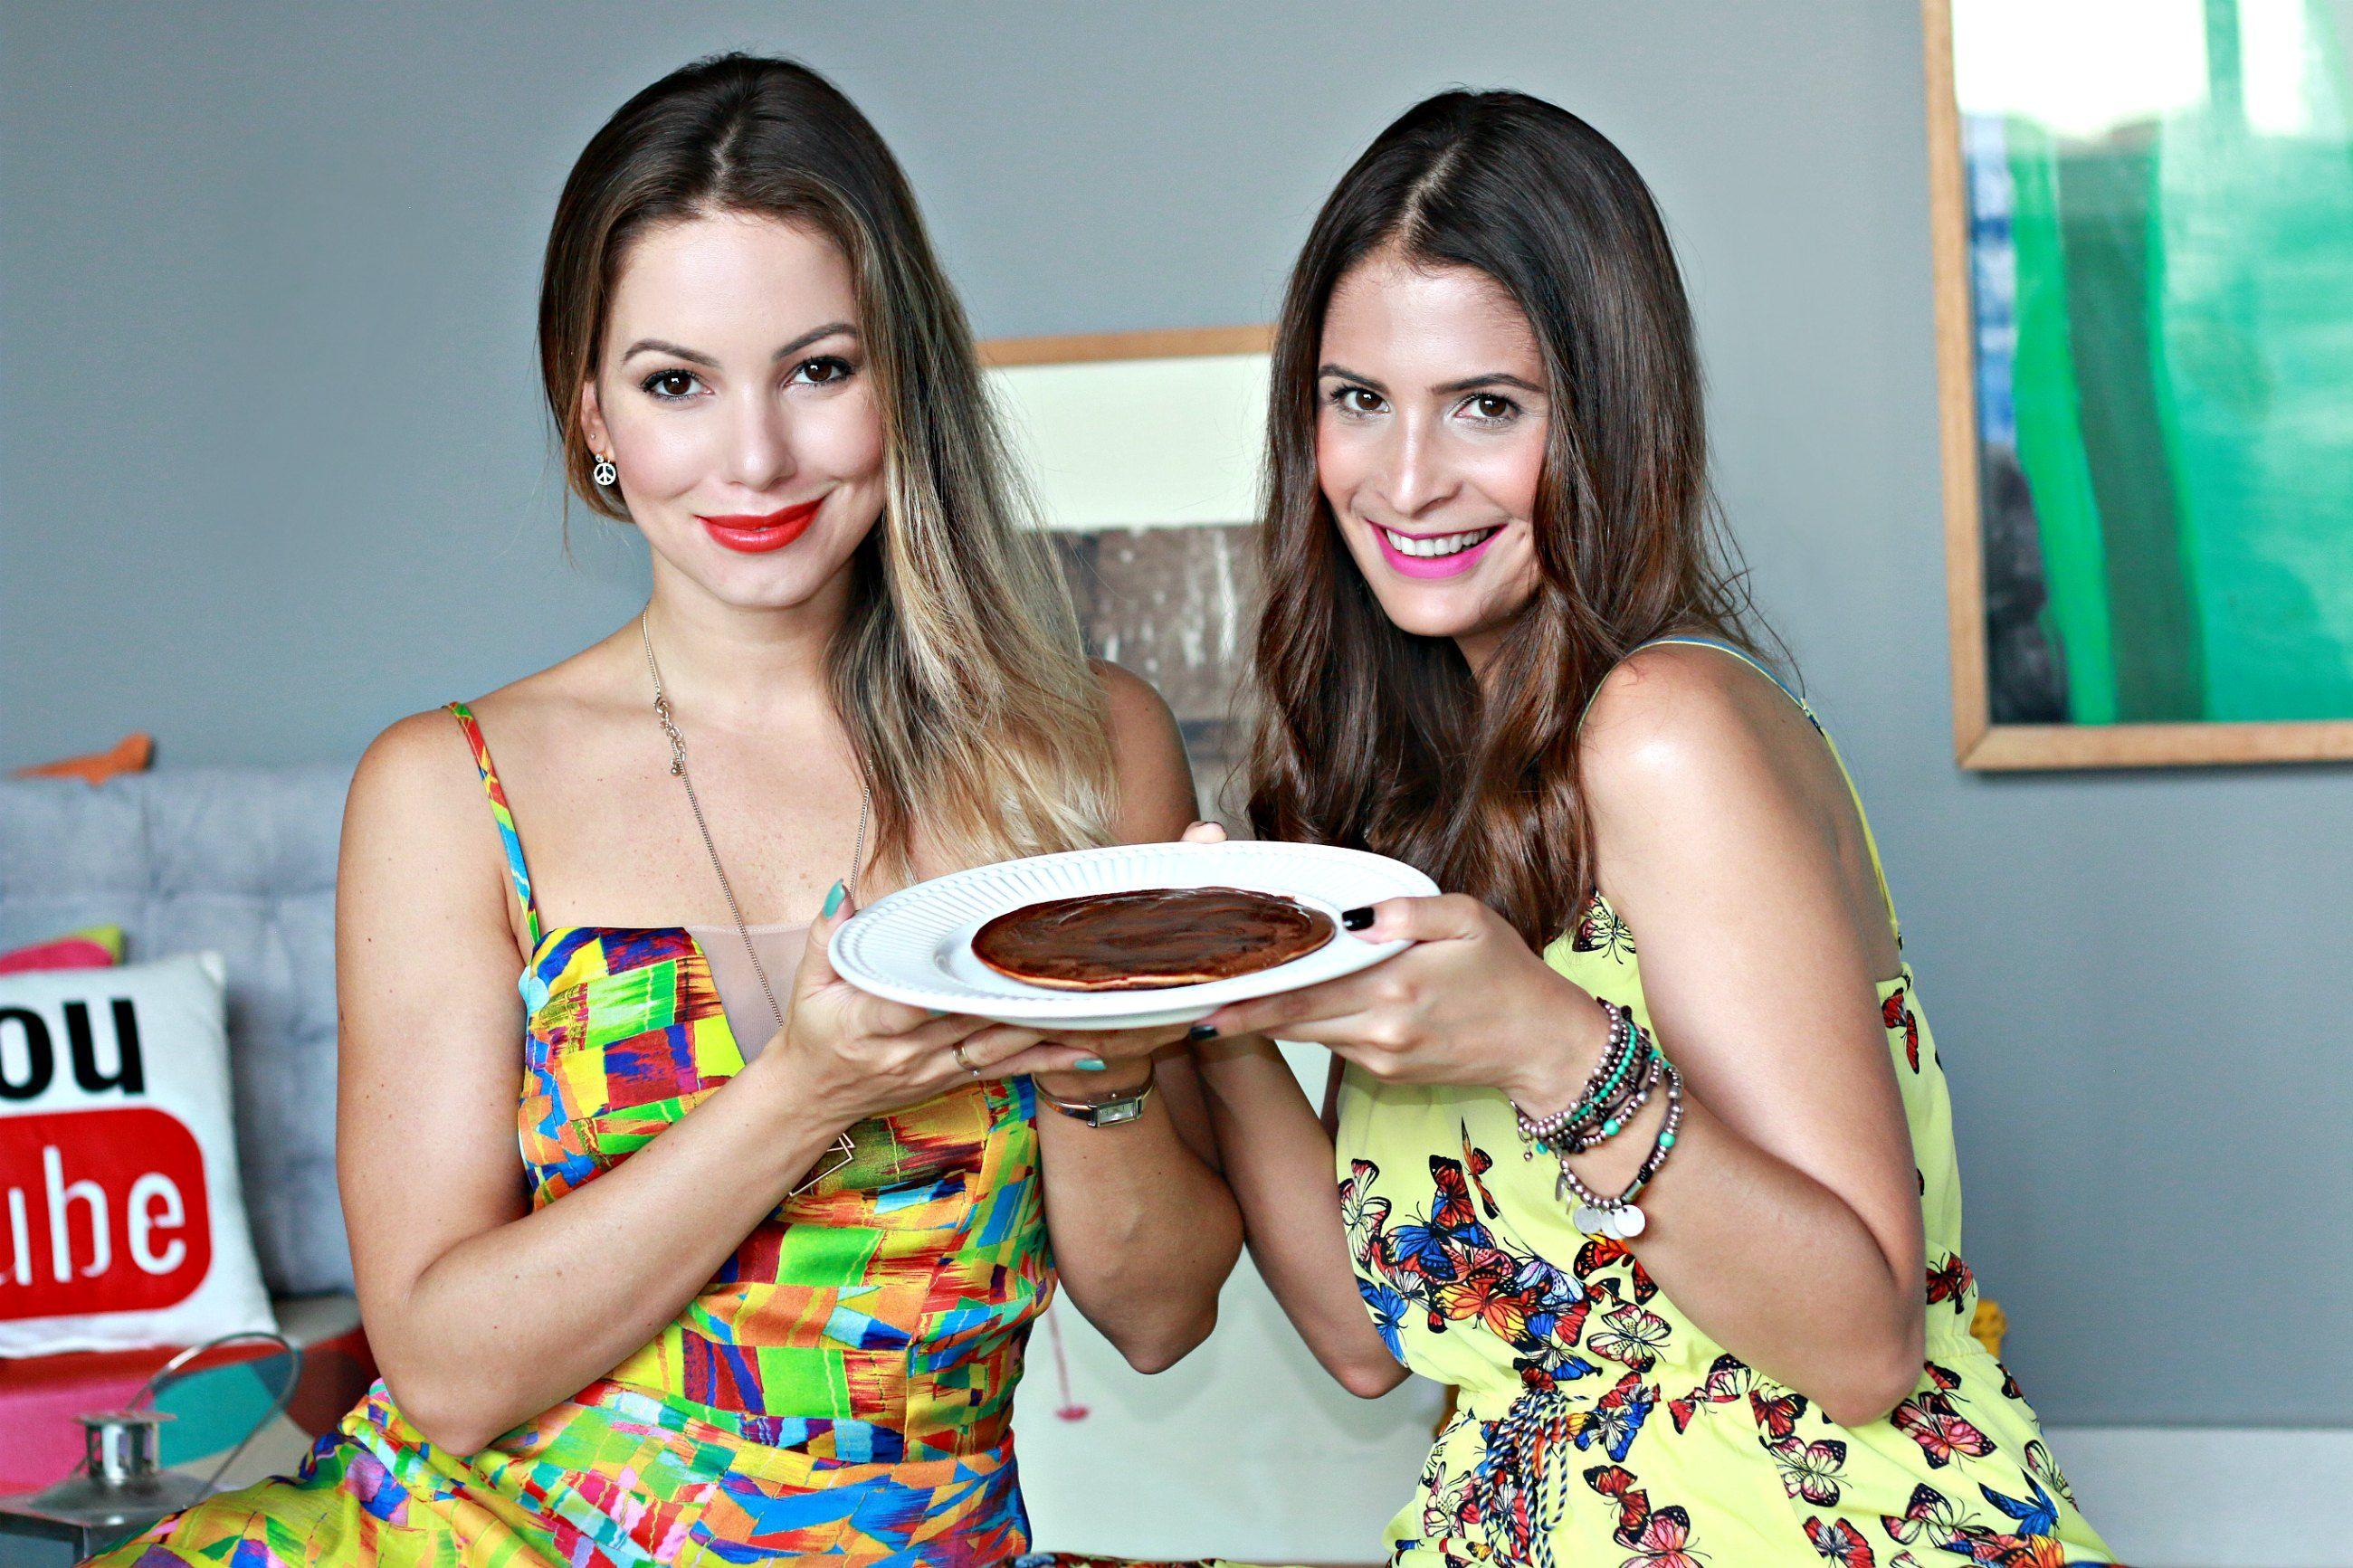 Depois da nossa Crepioca Salgada, inaugurando as receitas fit no blog, agora vamos de Crepioca Doce! Uma receita rápida e fácil, para quem quer comer aquele doce sem culpa!